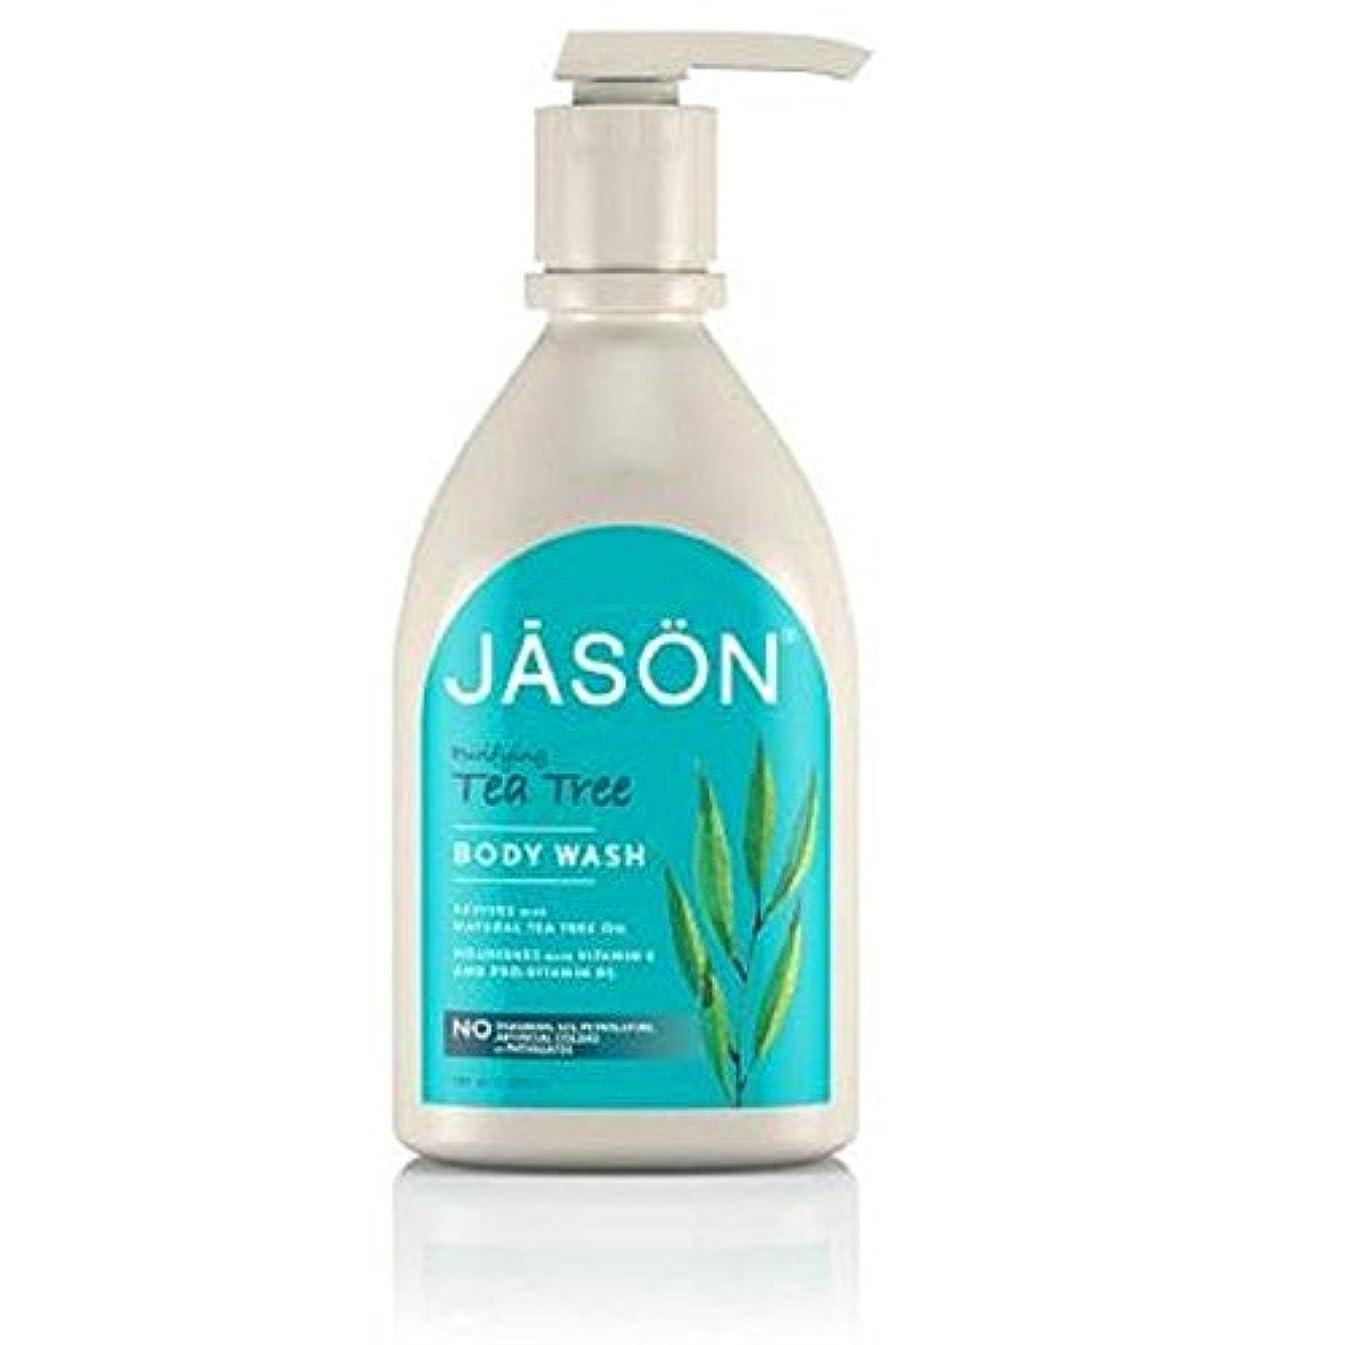 排除愛情深いレールJason Tea Tree Satin Body Wash Pump 900ml (Pack of 6) - ジェイソン?ティーツリーサテンボディウォッシュポンプ900ミリリットル x6 [並行輸入品]